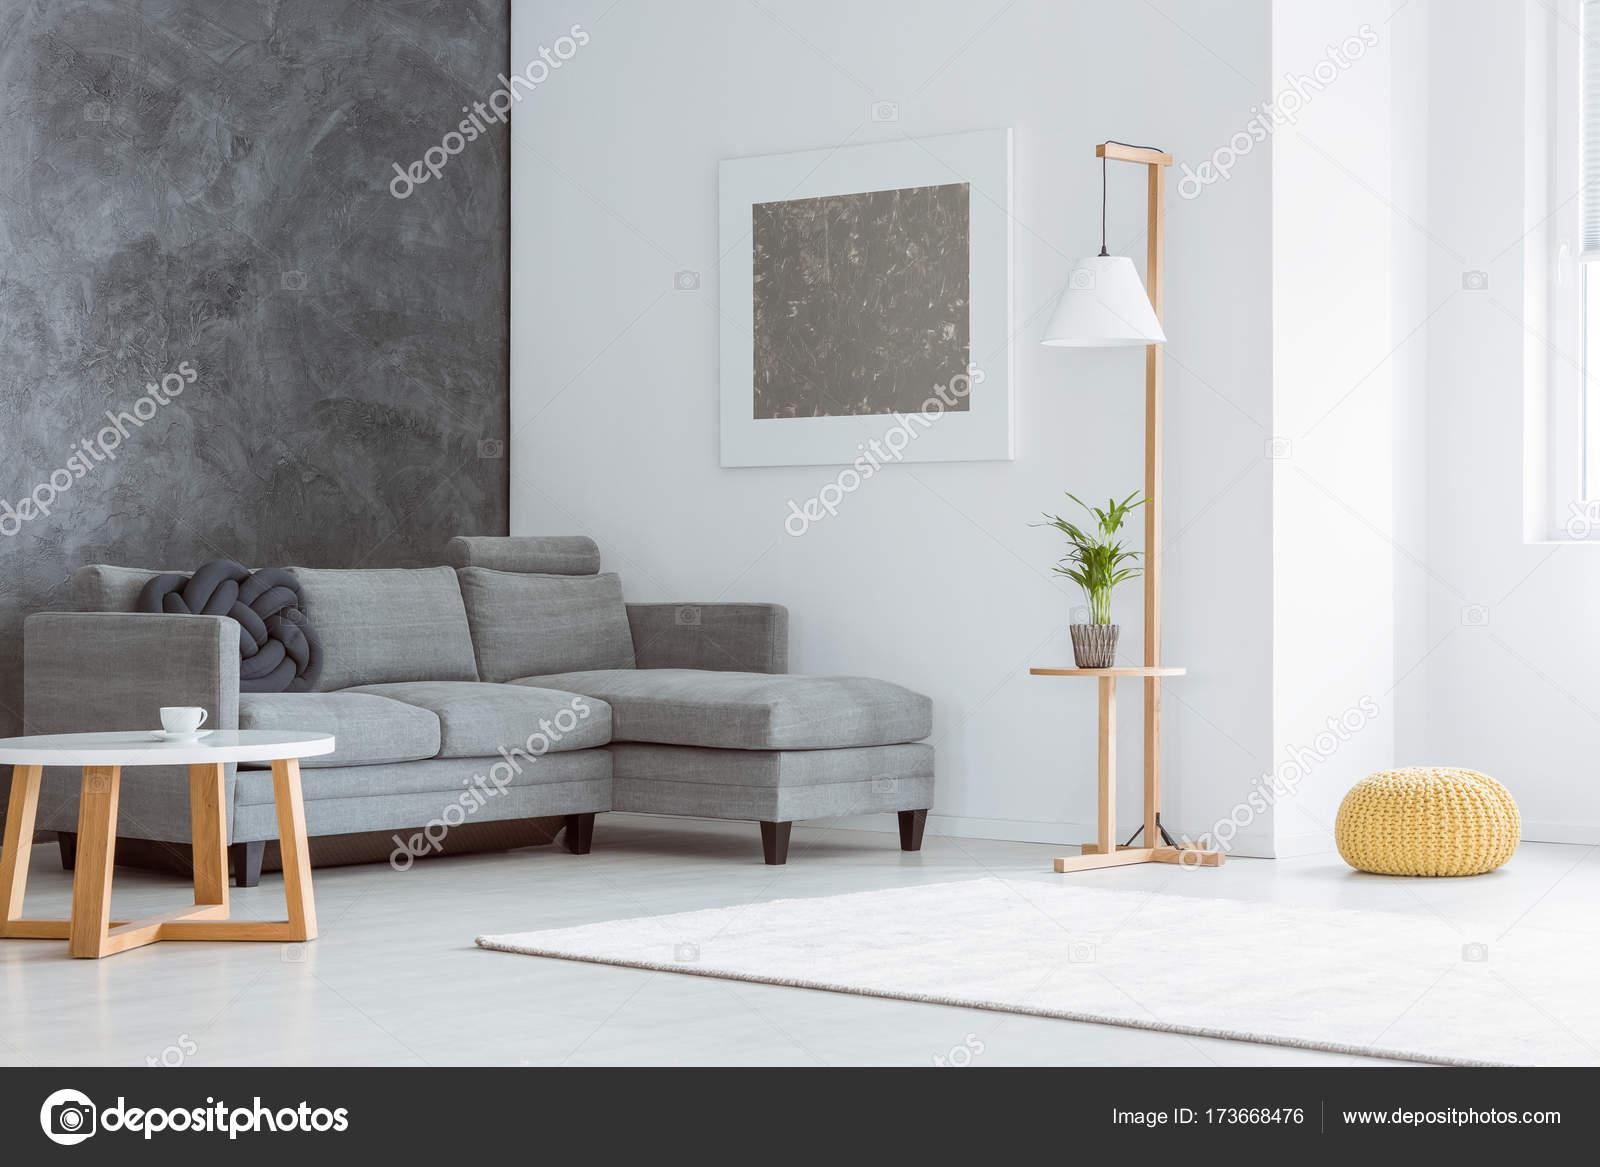 Wohnzimmer Mit Grauen Akzent U2014 Stockfoto